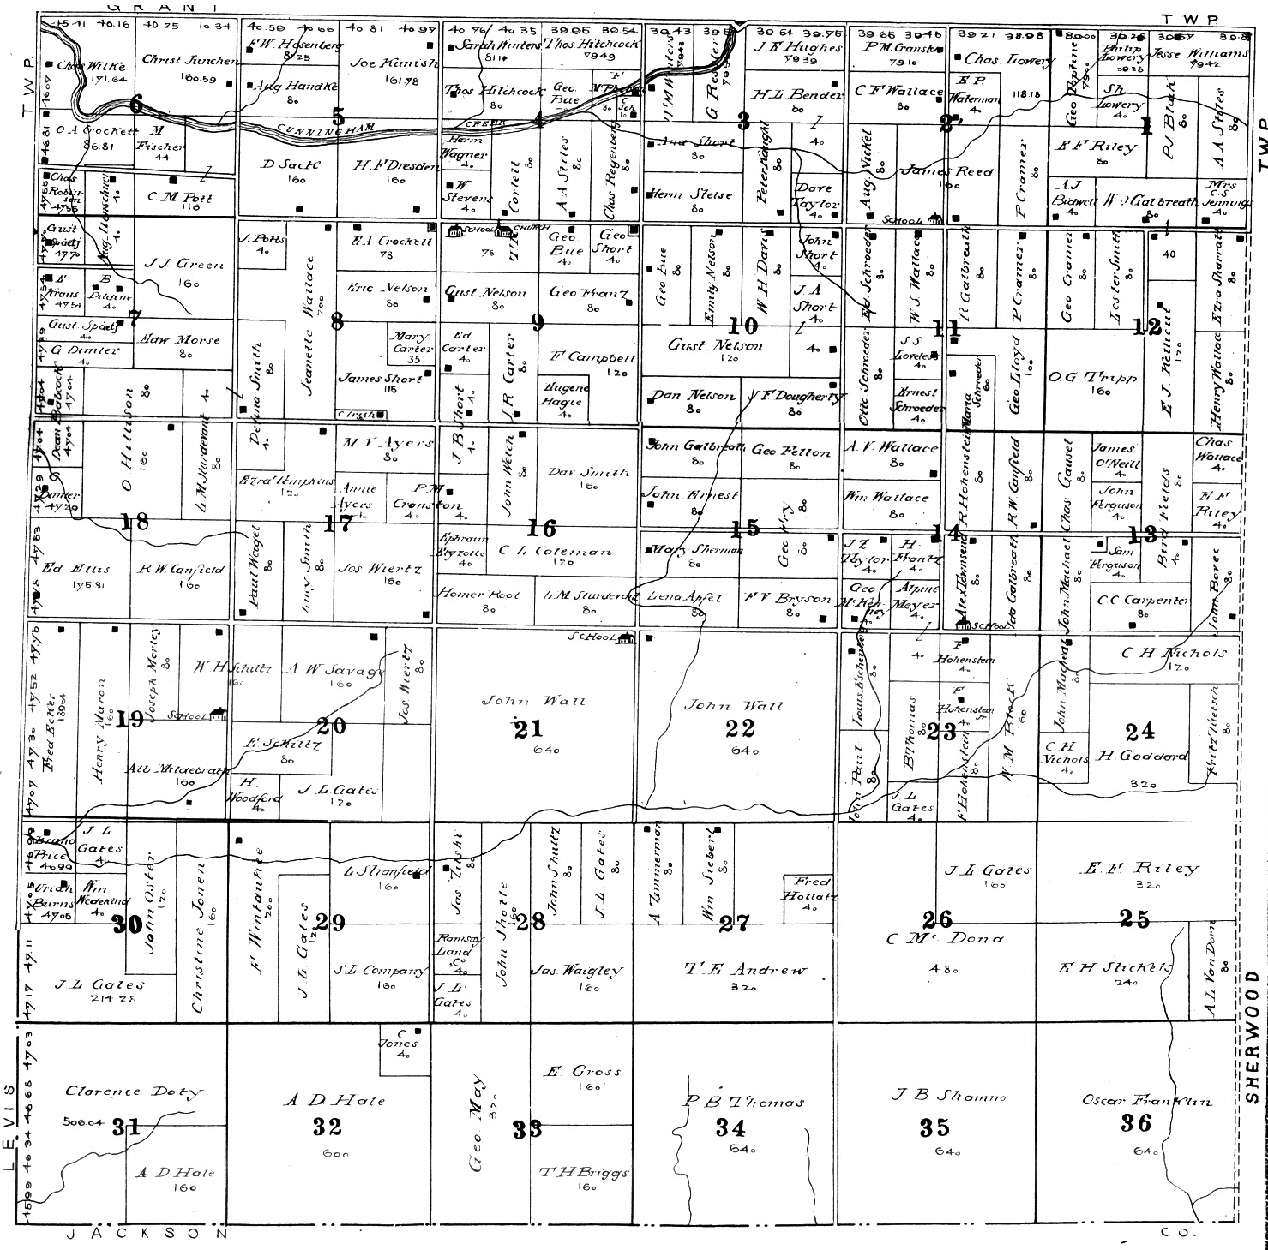 Index of clark county wisconsin maps gazetteers weston sciox Gallery